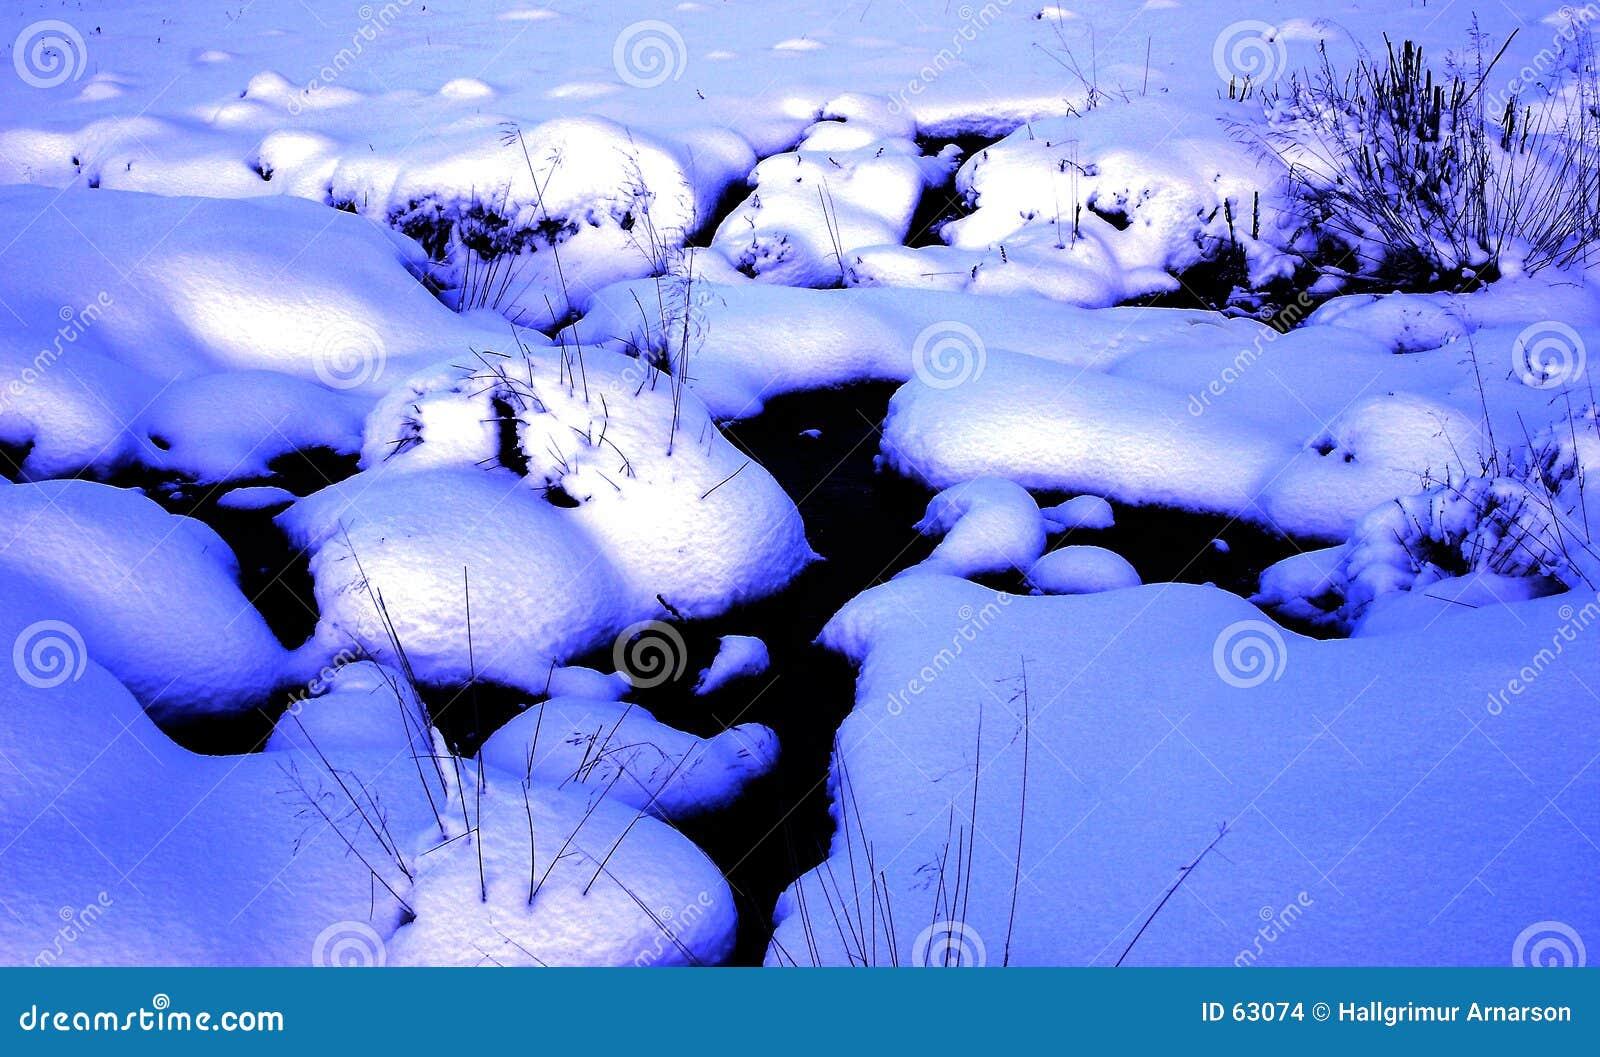 Download L'hiver 2 photo stock. Image du blanc, paille, bleu, glace - 63074